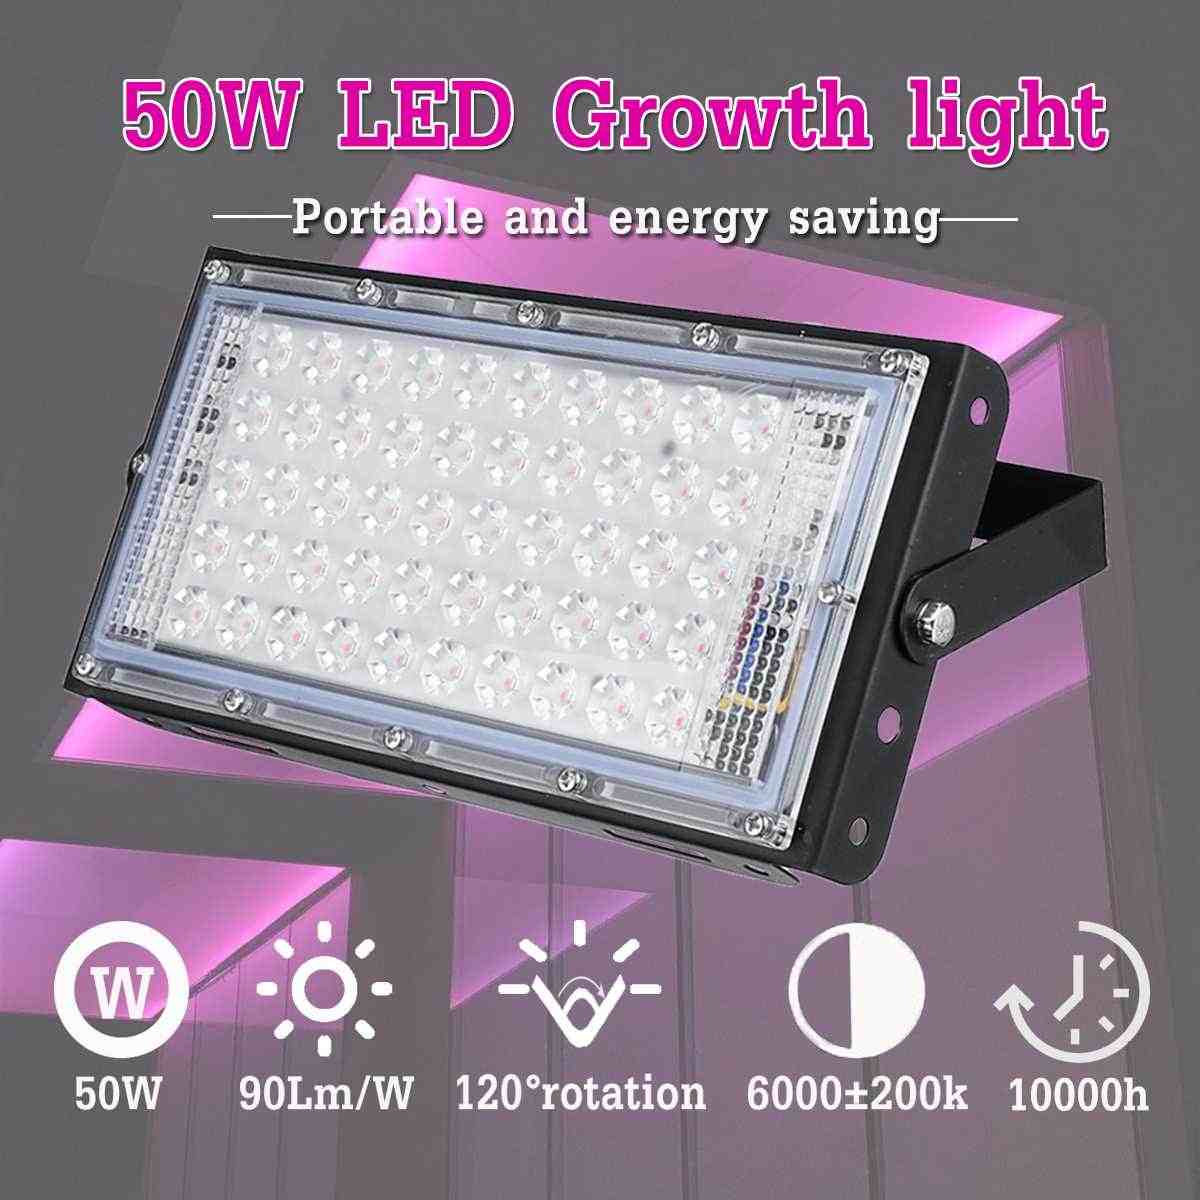 AC 220-240 В светодиодный светильник для выращивания 50 Вт линейный Точечный светильник прожектор светильник DIY наружный светильник для помещений гидропоники цветы сельскохозяйственные растения лампа для выращивания растений